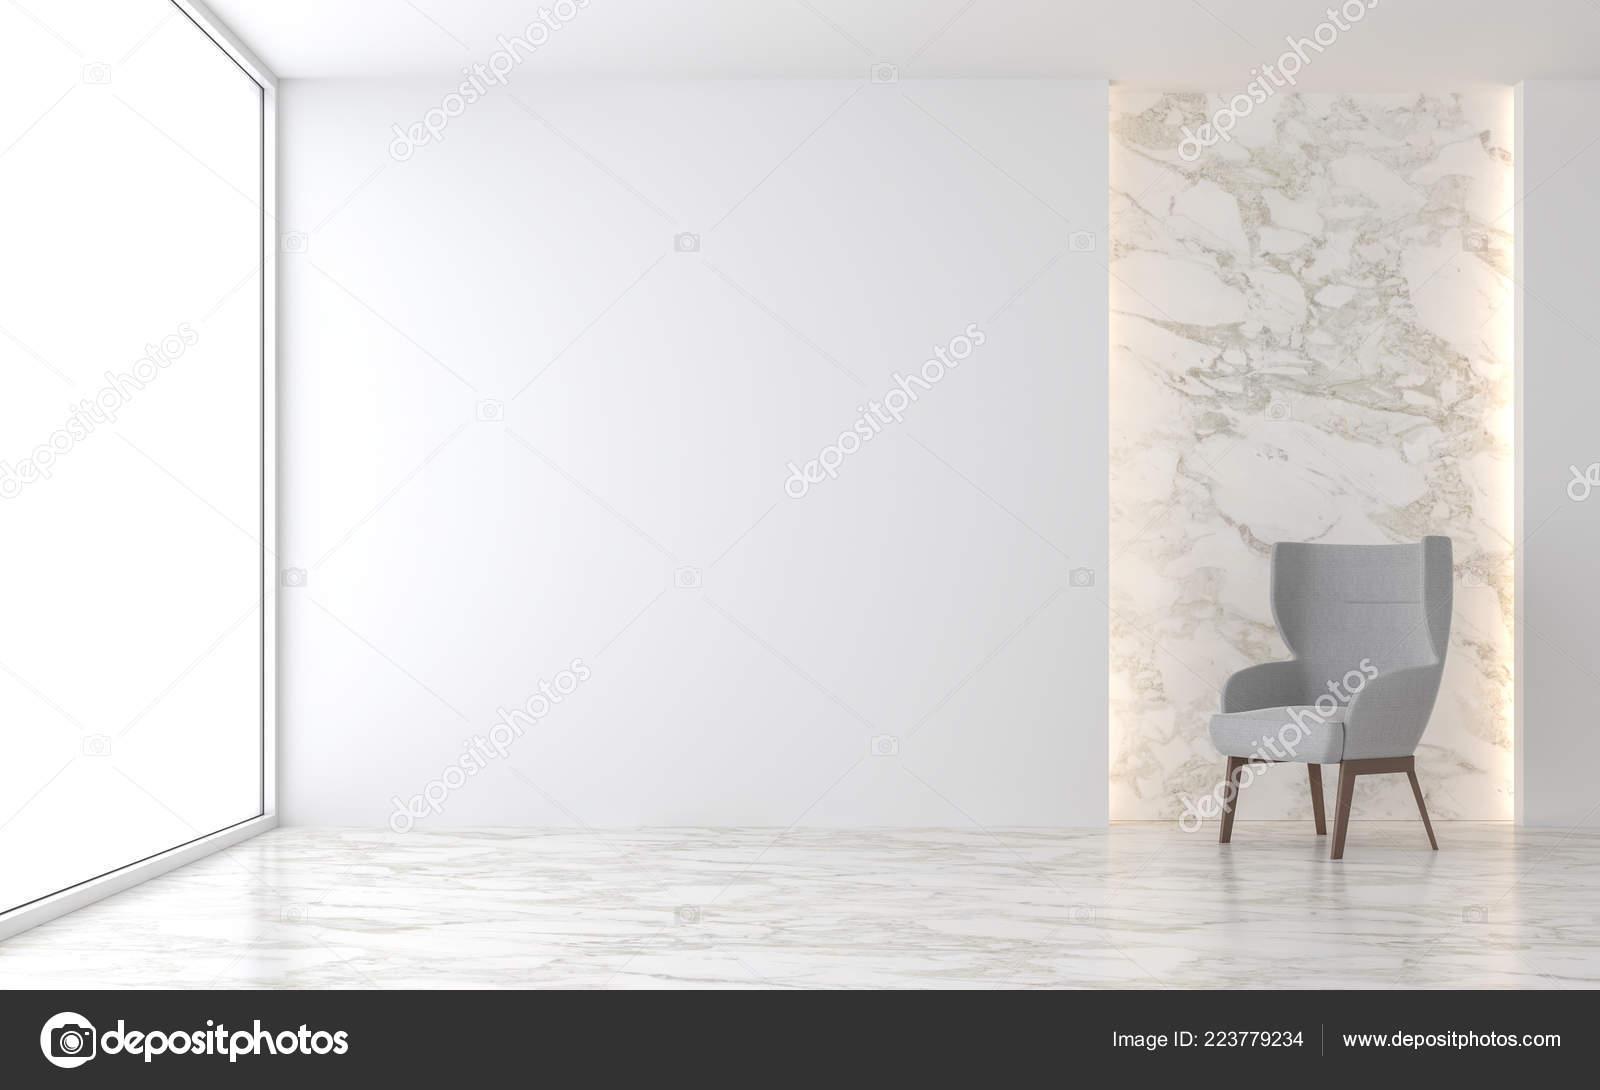 Minimale Wohnzimmer Render Dort Sind Marmorboden Weisse Wand